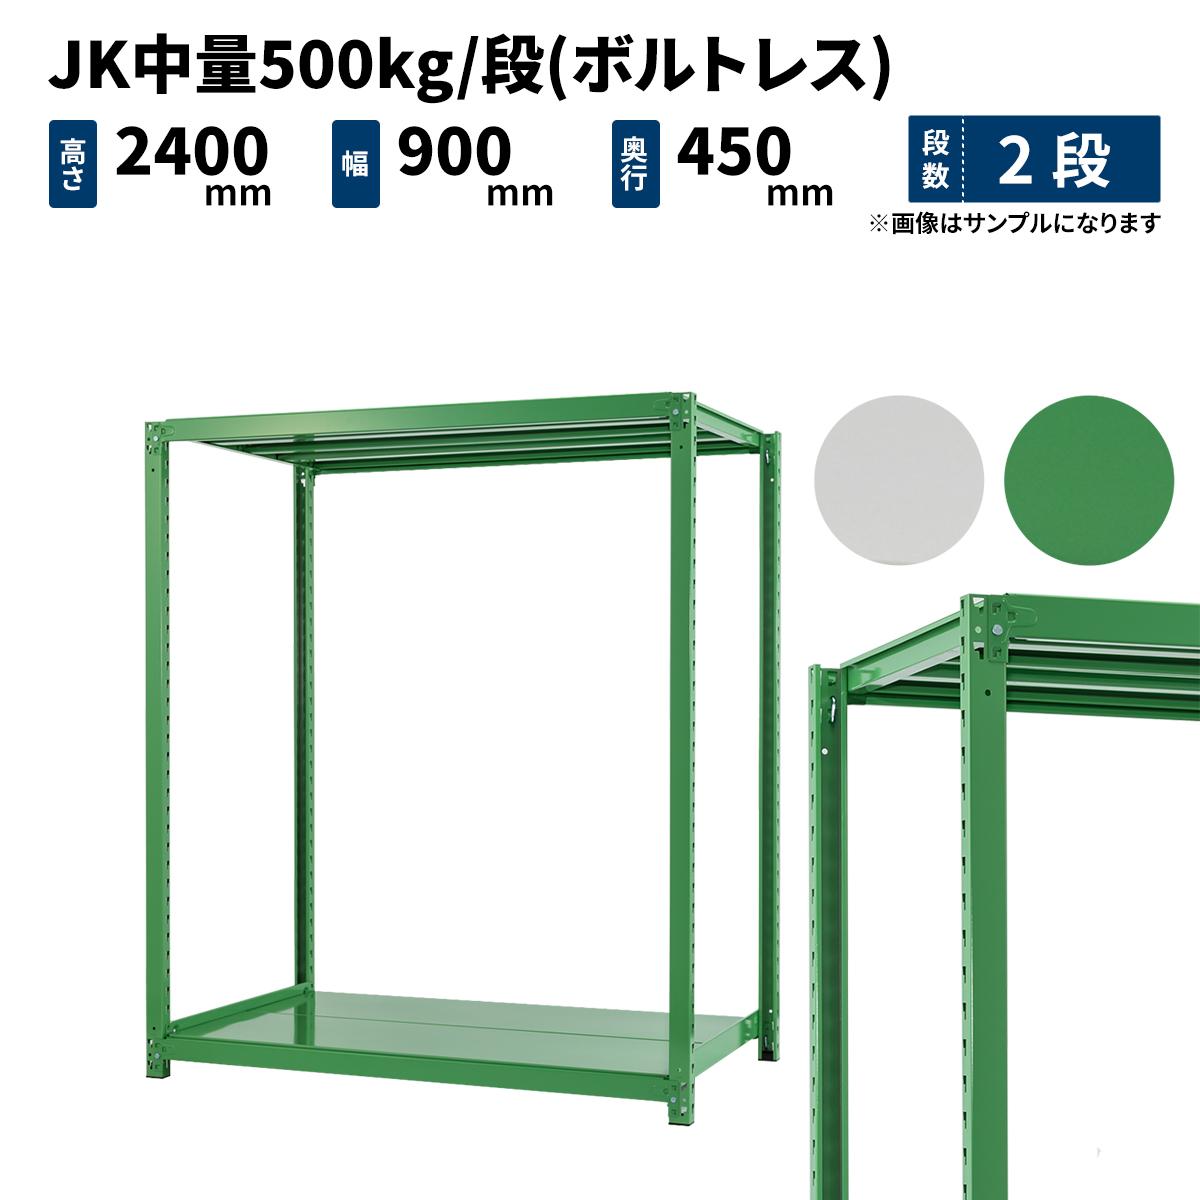 スチールラック 業務用 JK中量500kg/段(ボルトレス) 単体形式 高さ2400×幅900×奥行450mm 2段 ホワイトグレー/グリーン (40kg) JK500_T-240945-2